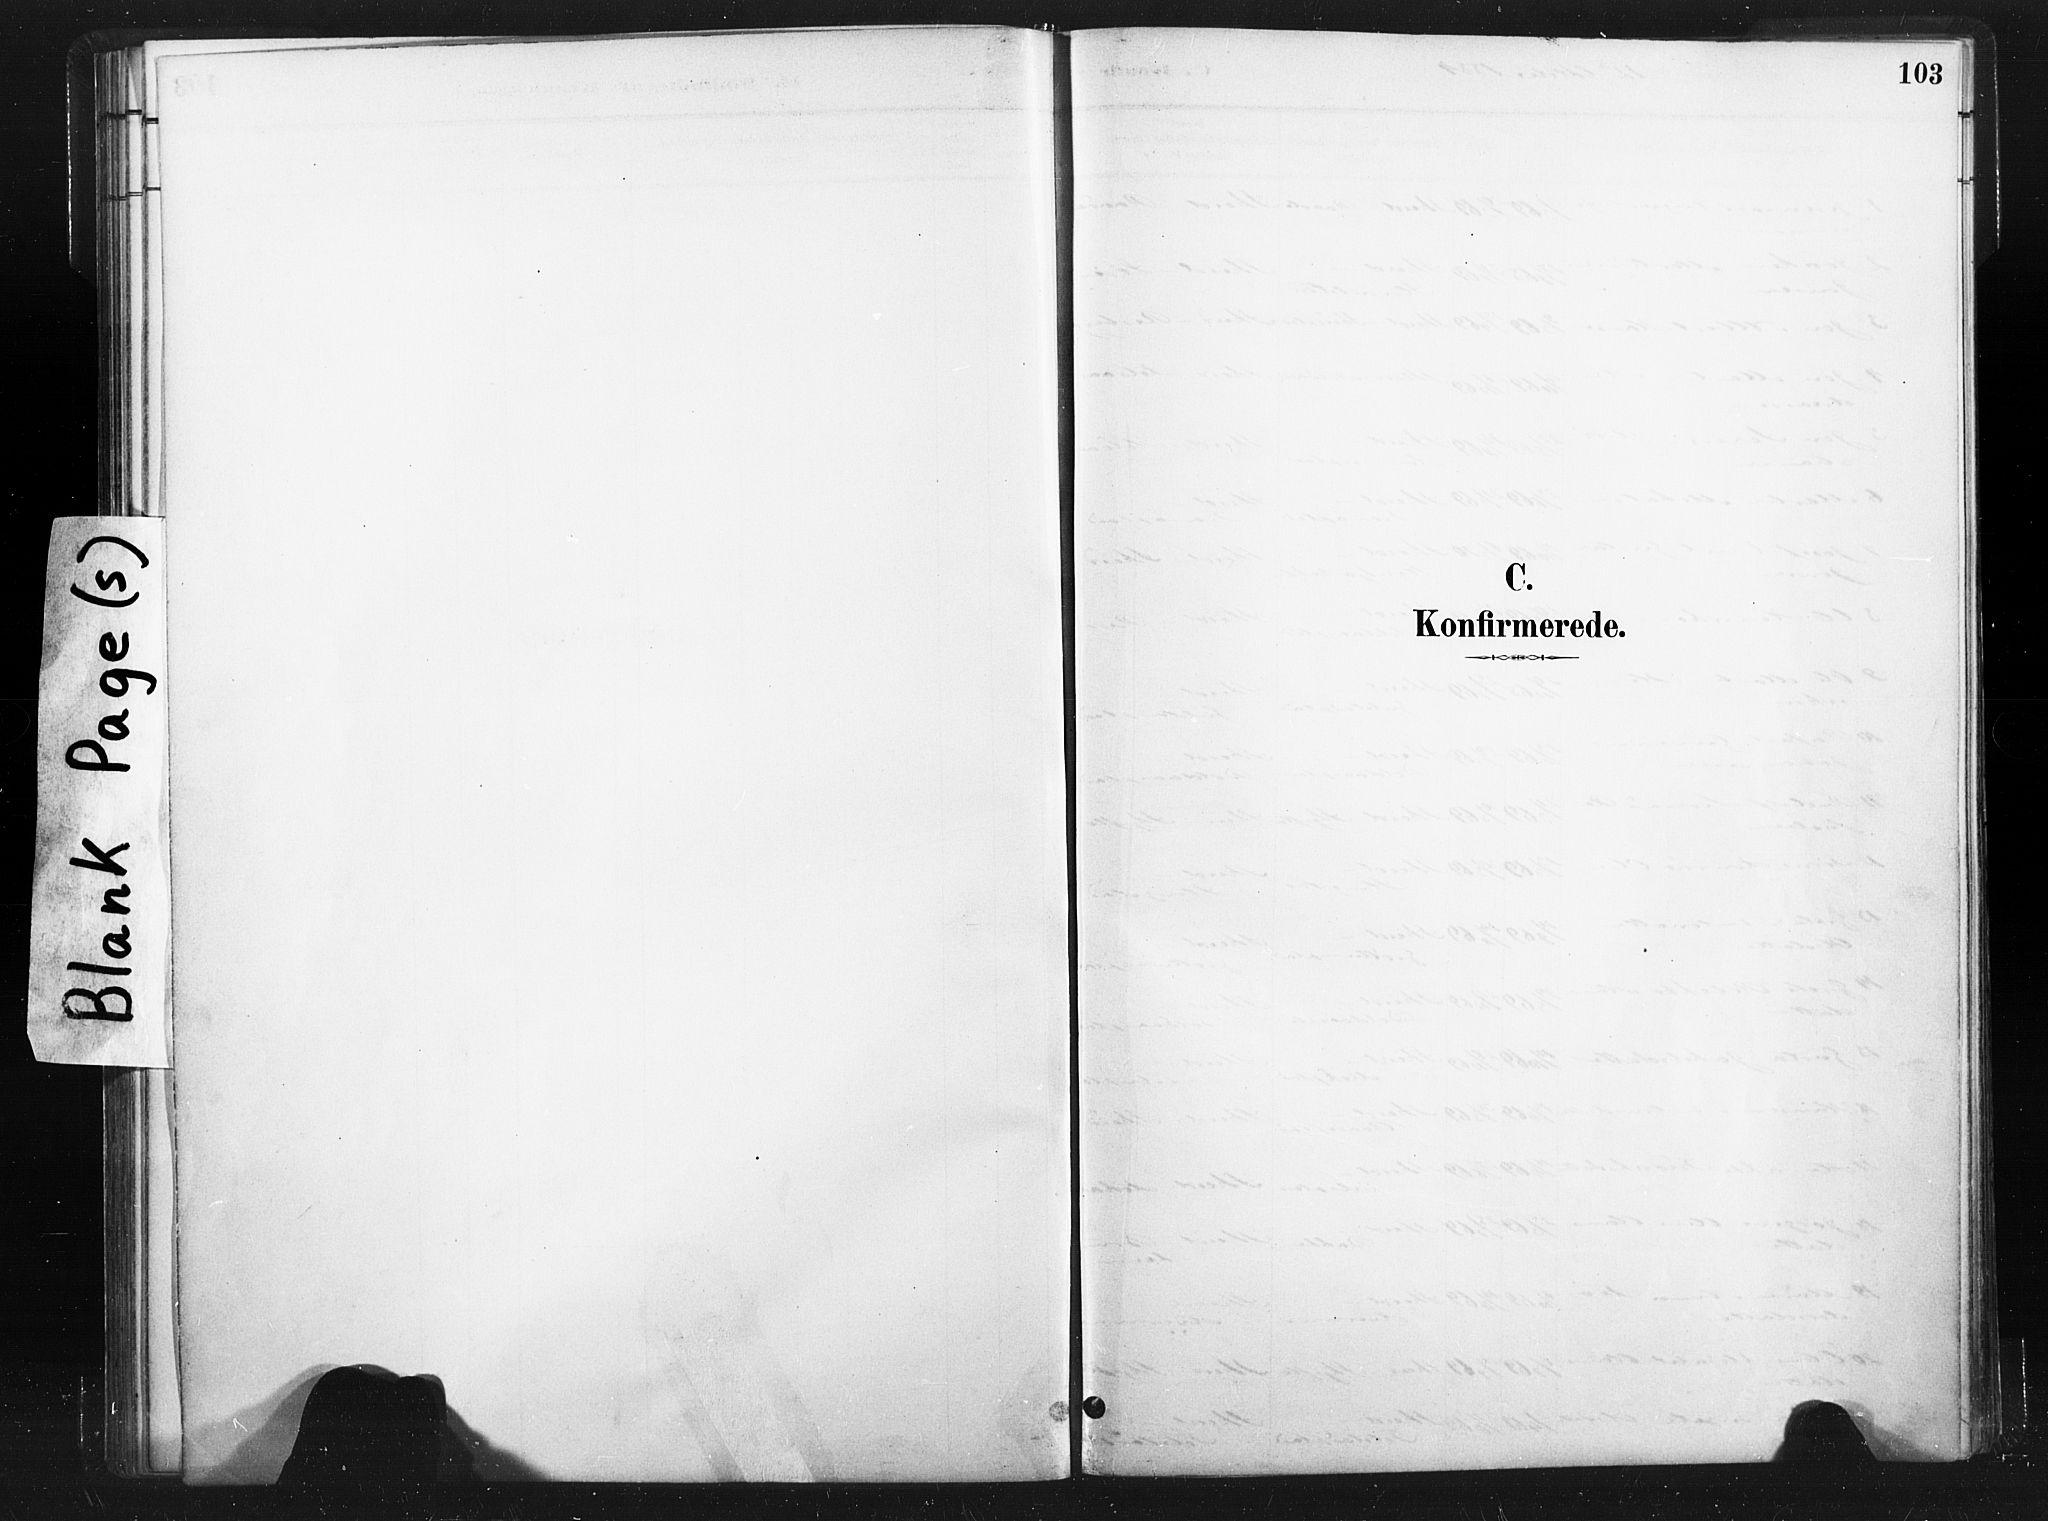 SAT, Ministerialprotokoller, klokkerbøker og fødselsregistre - Nord-Trøndelag, 736/L0361: Ministerialbok nr. 736A01, 1884-1906, s. 103